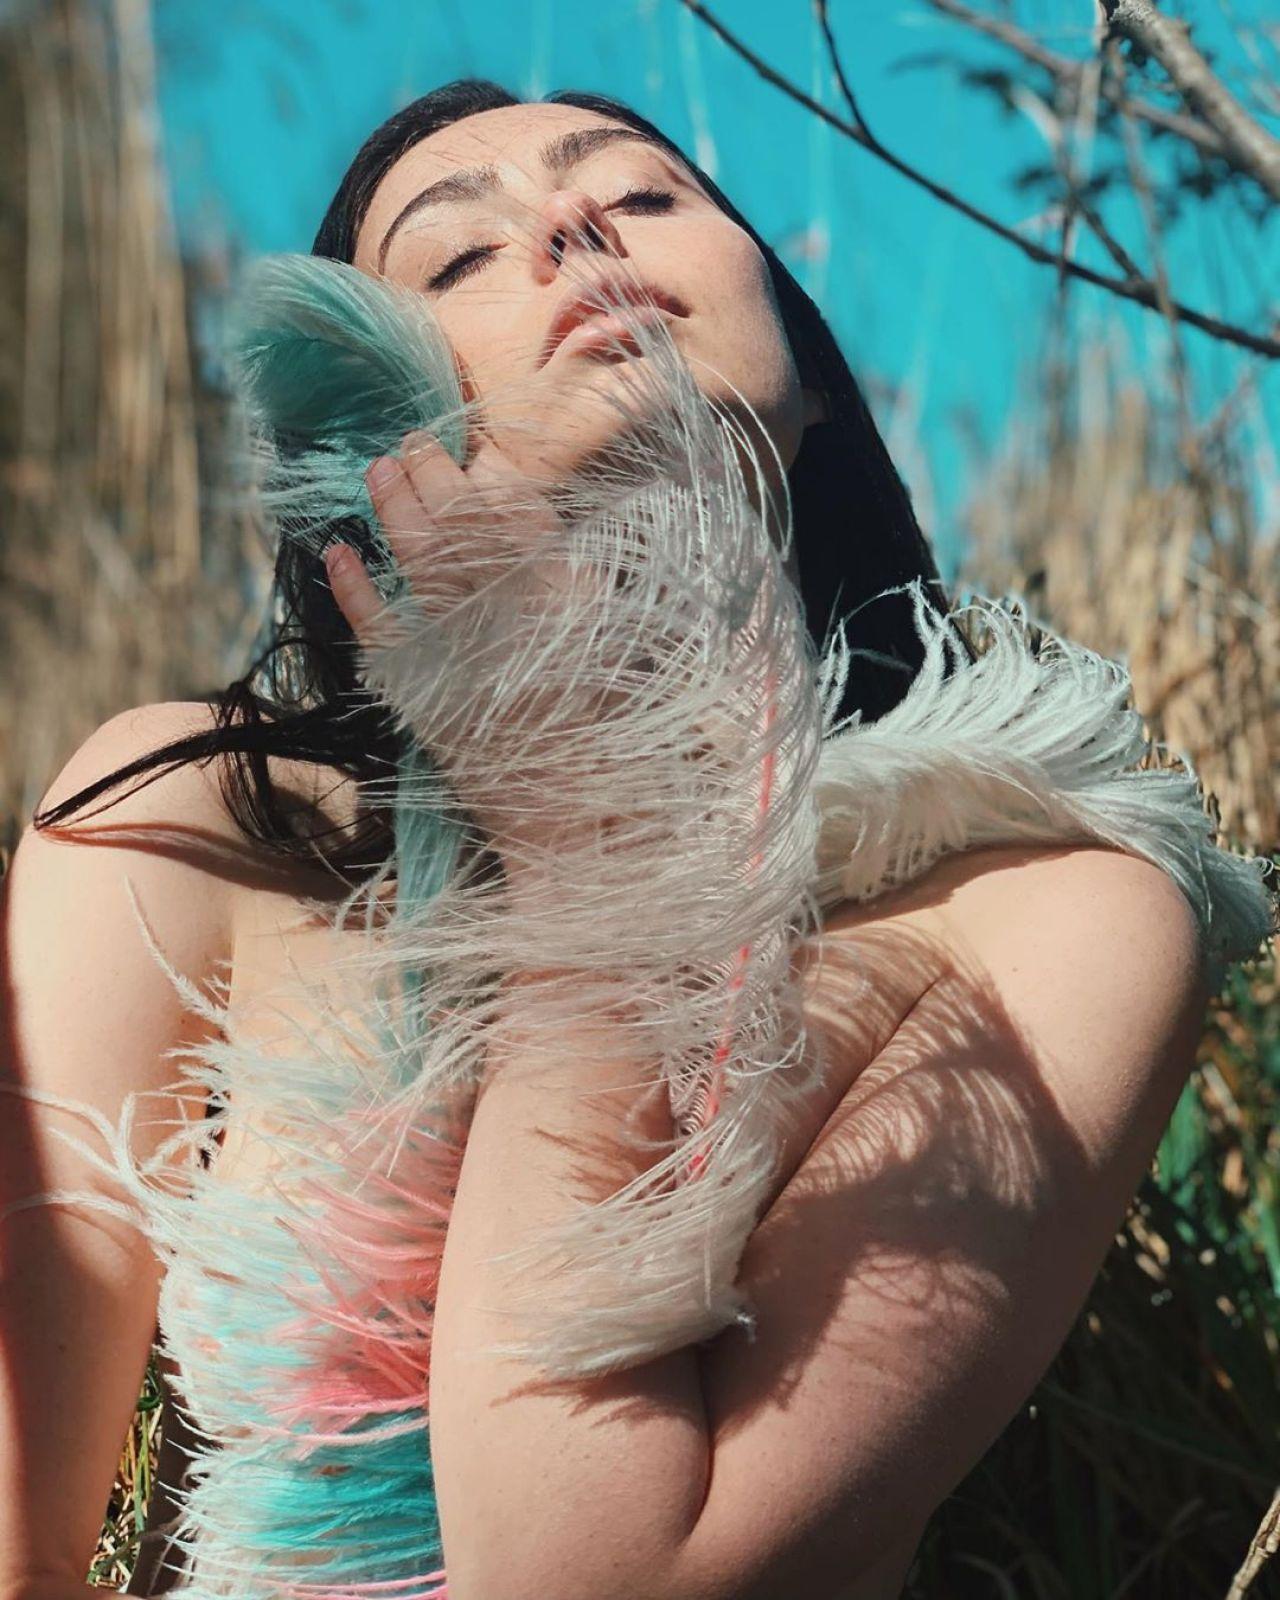 Adele Marie Heenan - Self Portrait Isolation Photoshoot ...